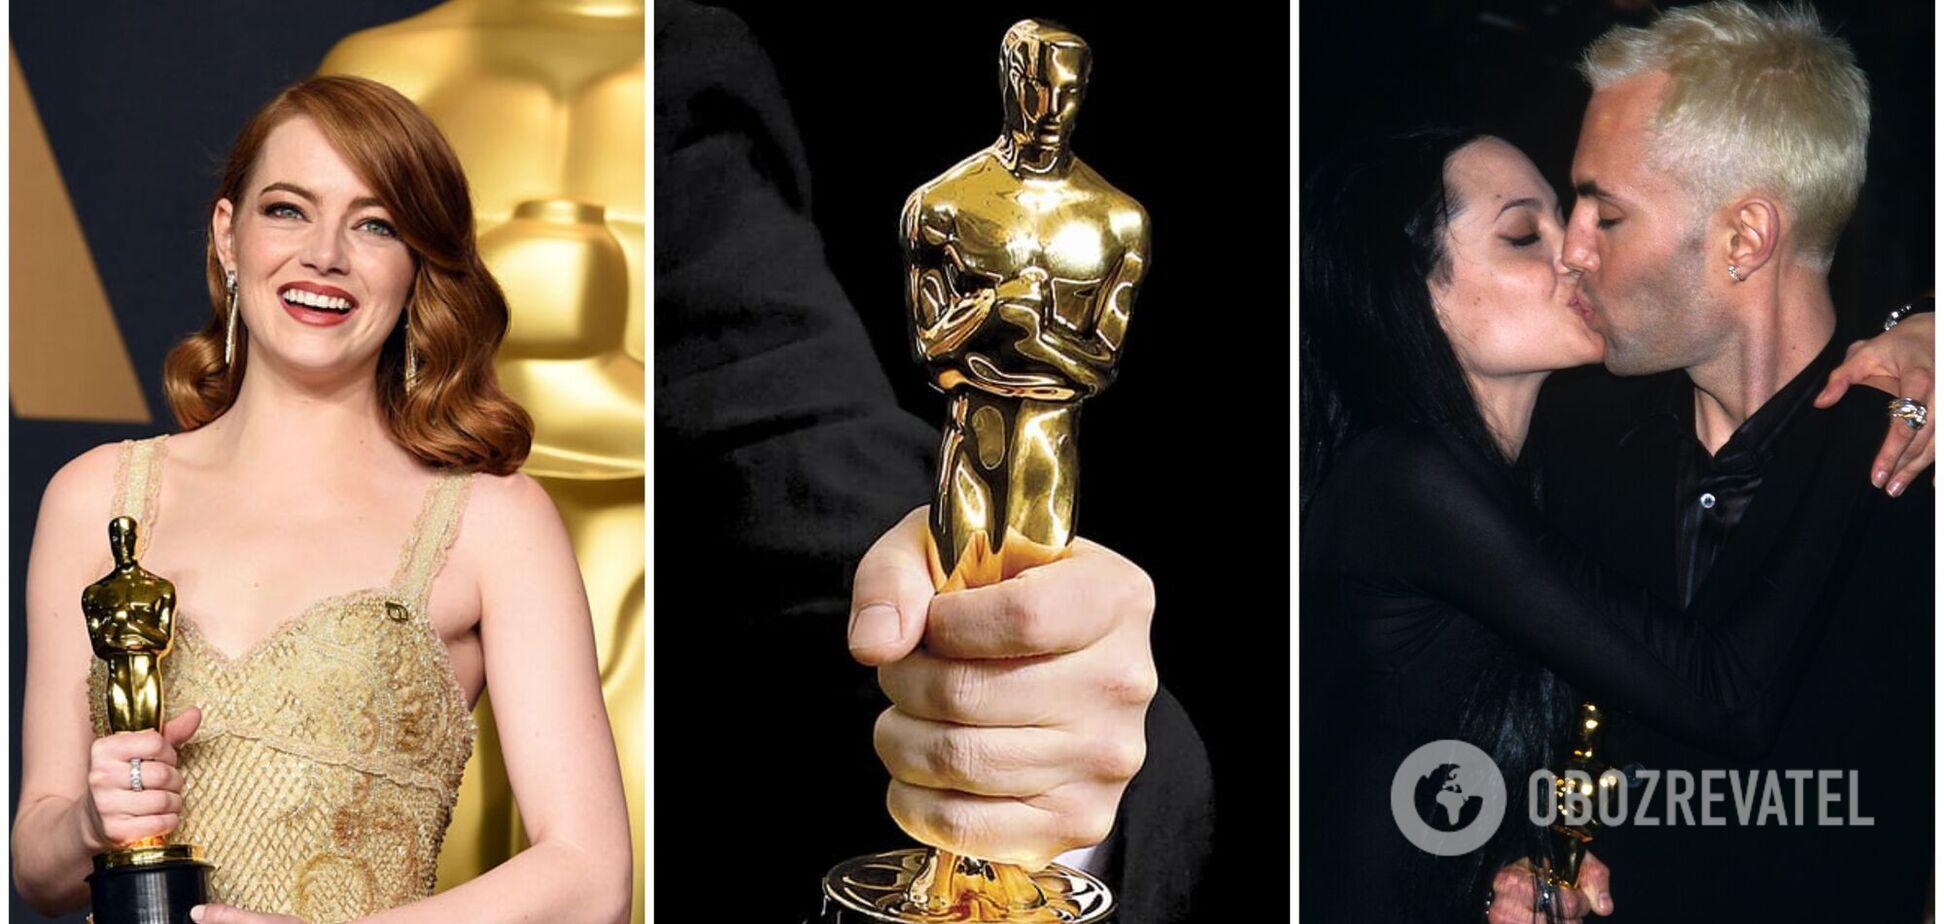 Самые громкие скандалы 'Оскара' за все время: от расизма до 'взрослых' поцелуев родственников